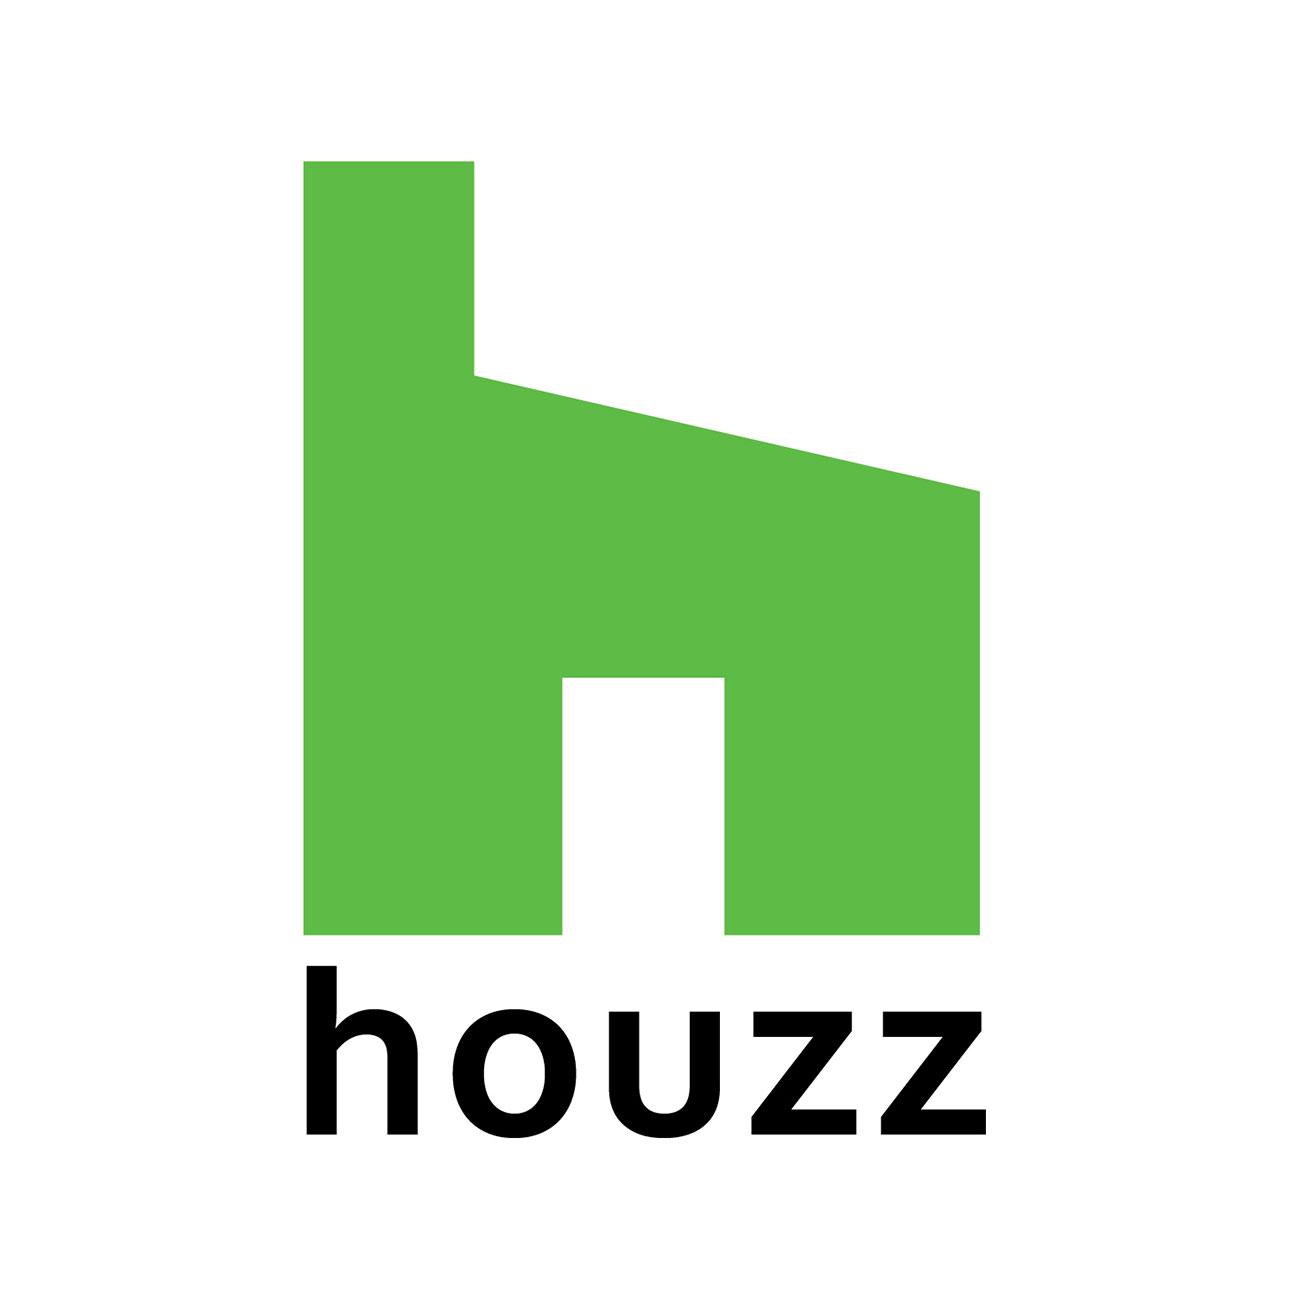 2018-Houzz-logo-rgb.jpg